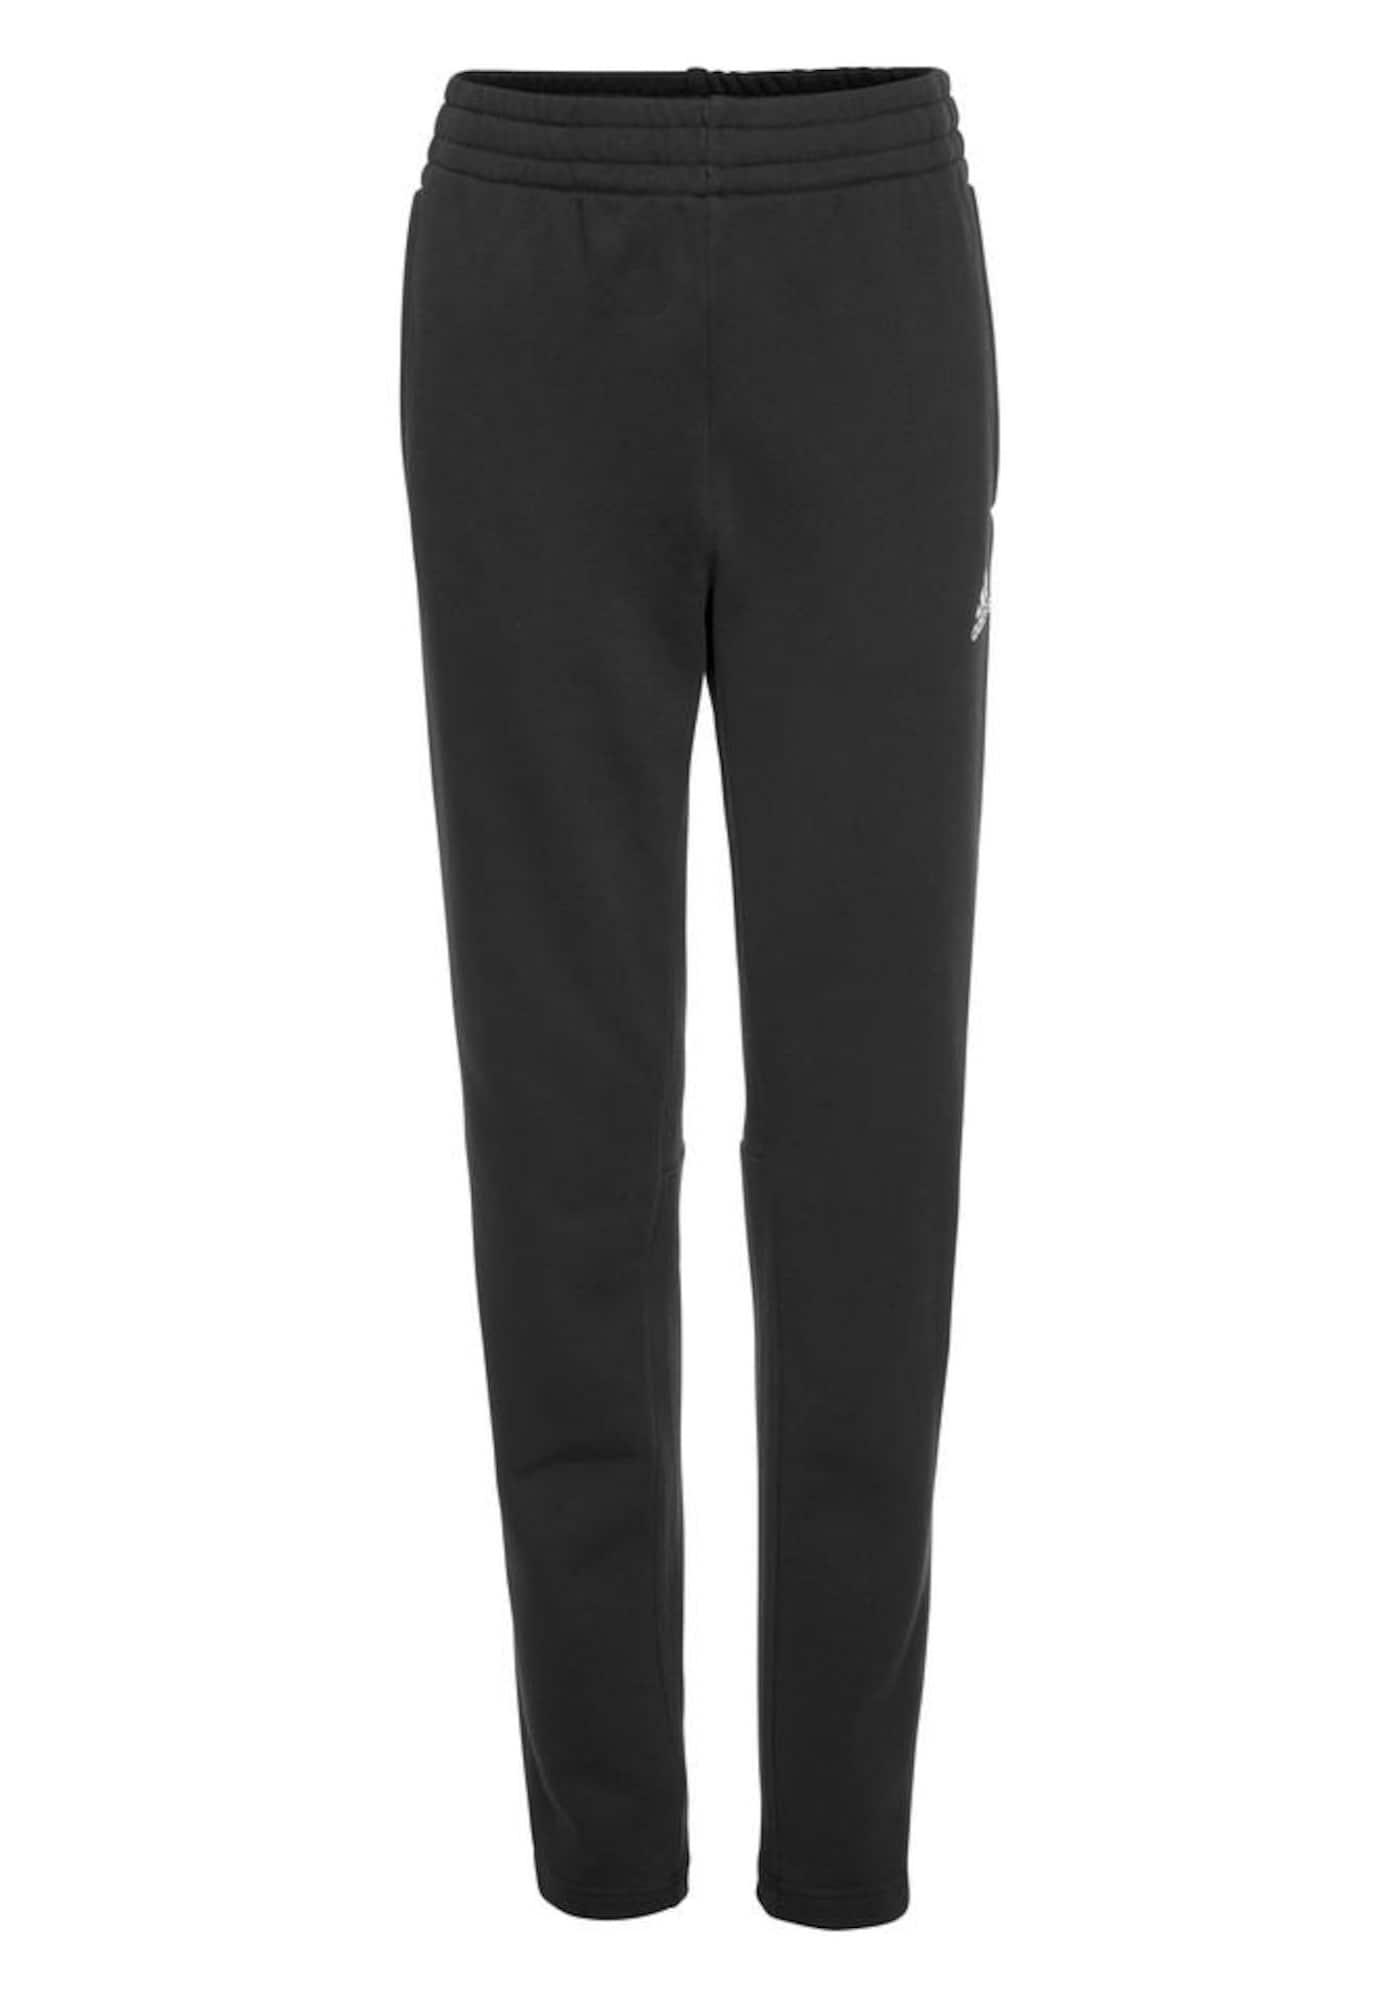 ADIDAS PERFORMANCE Sportinės kelnės 'Must Haves 3 Stripes' balta / juoda